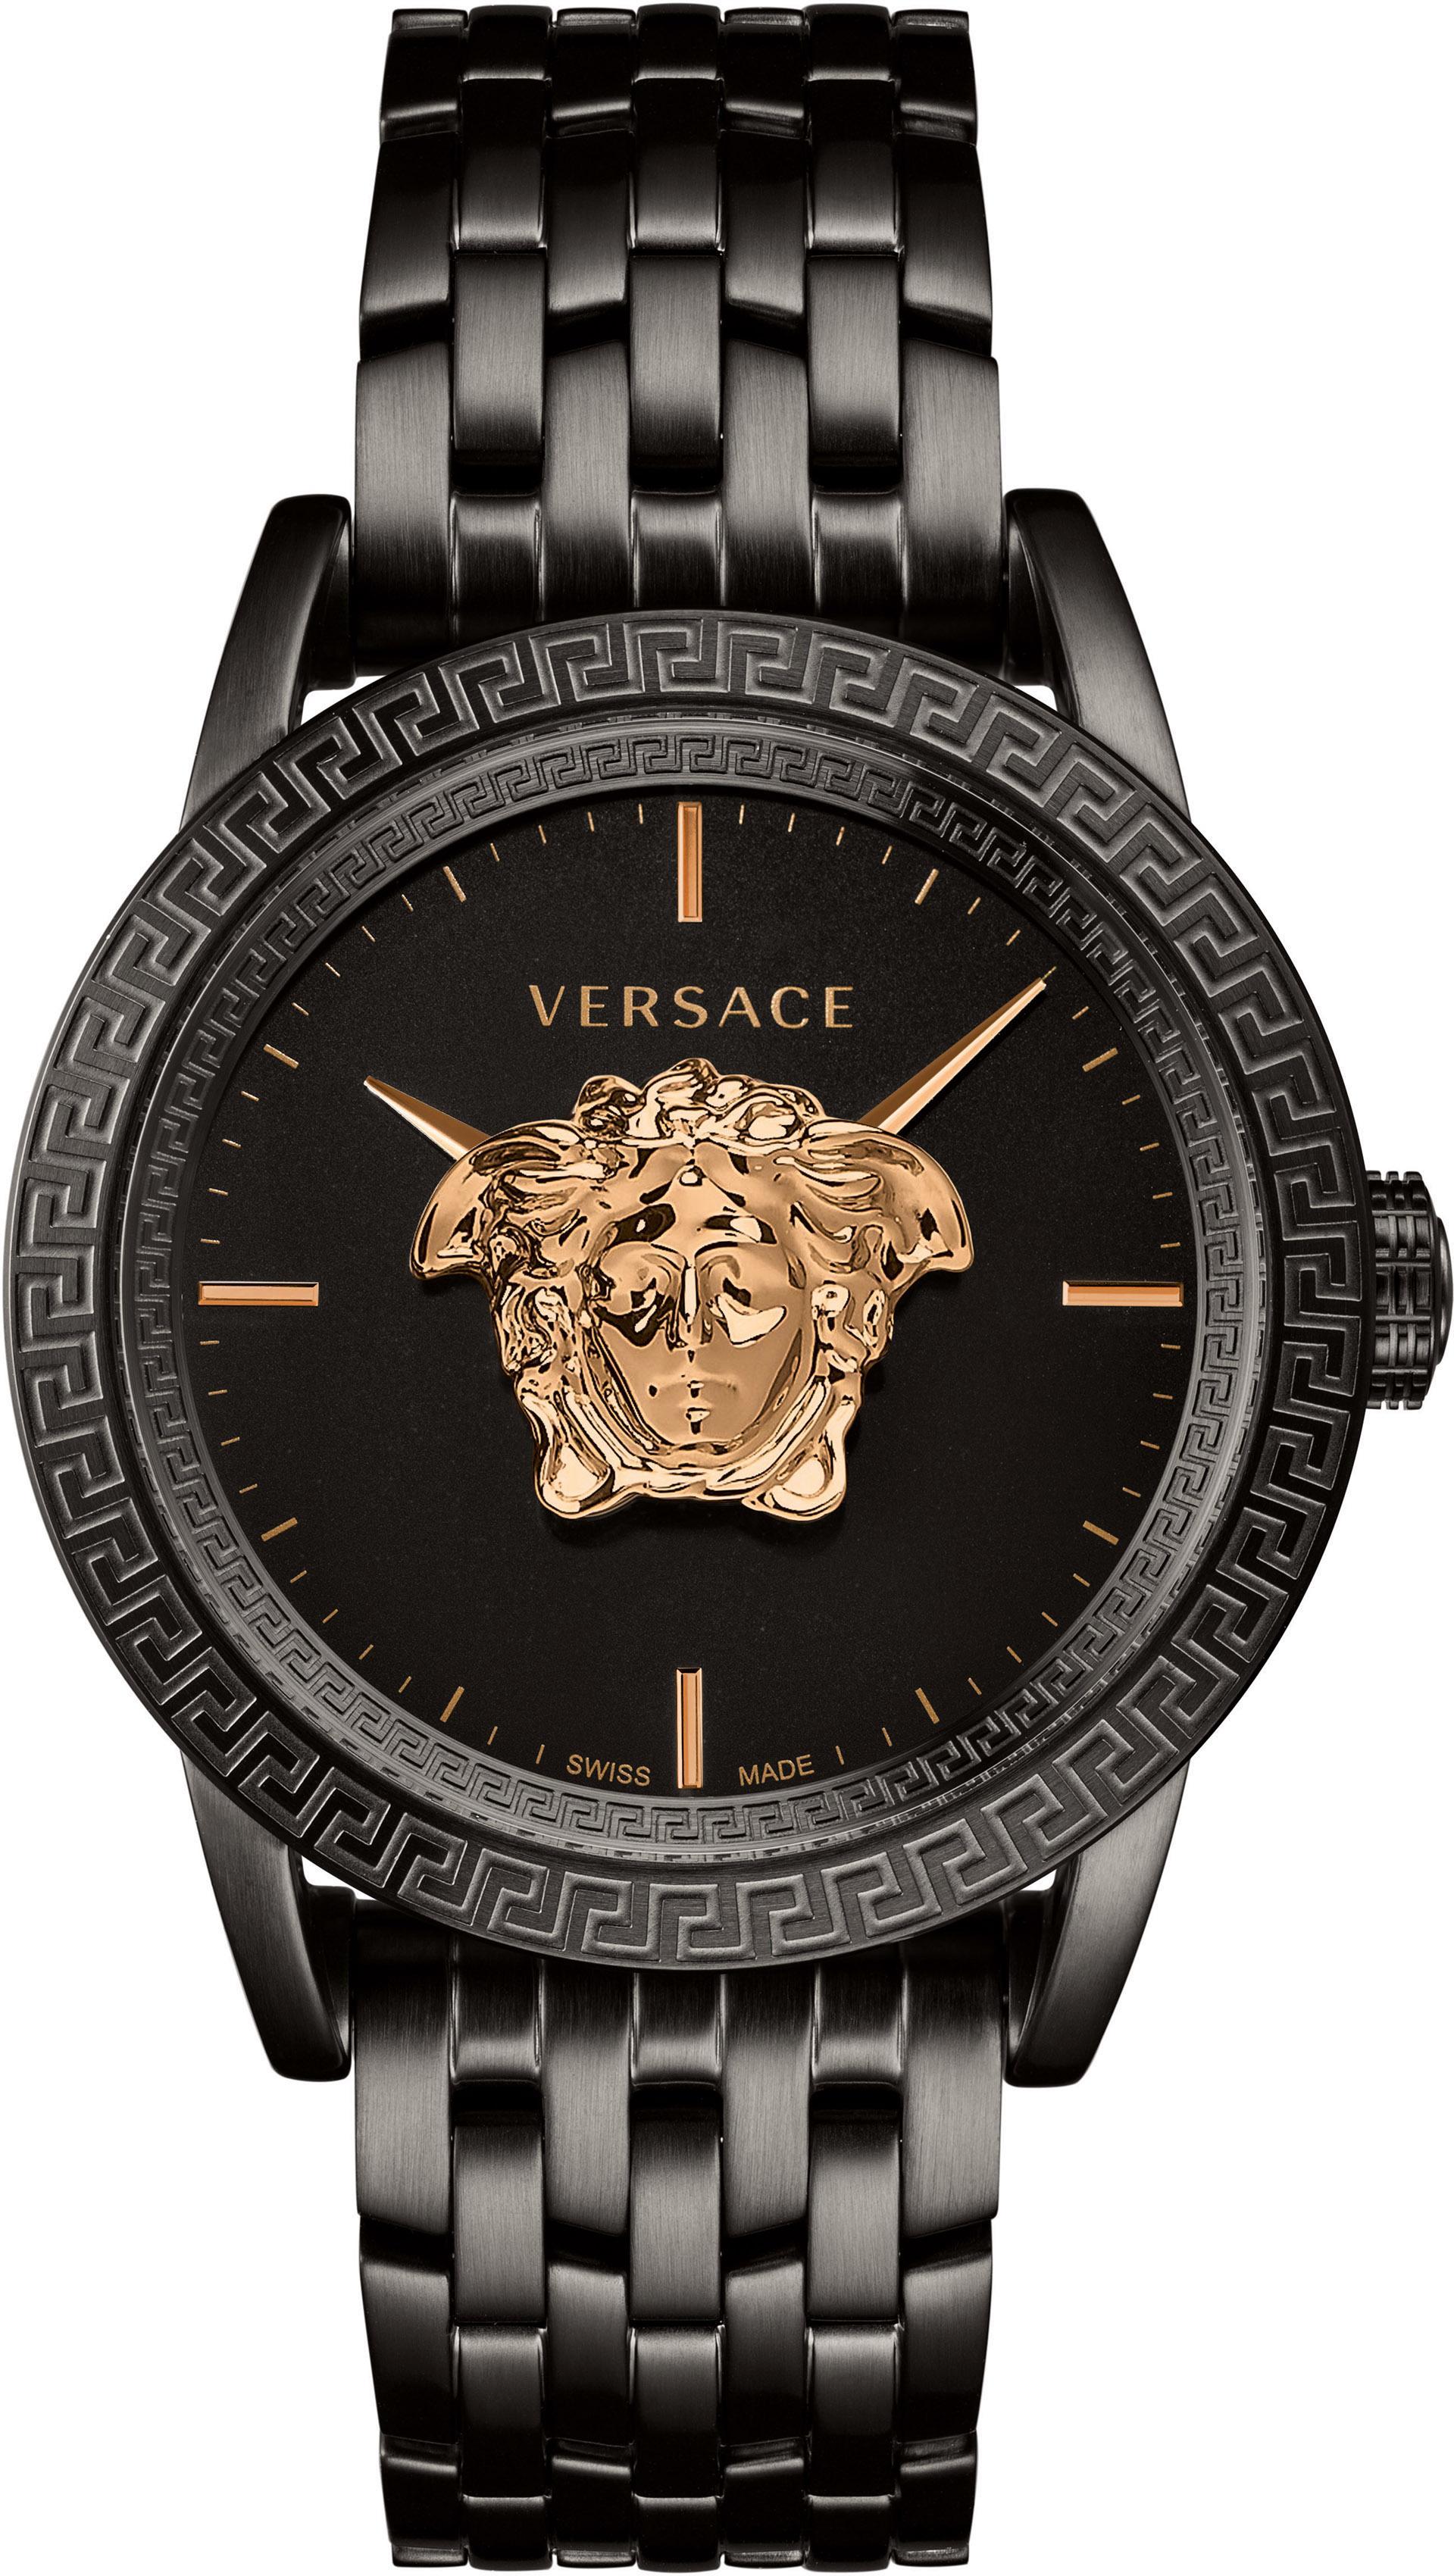 Versace Schweizer Uhr PALAZZO EMPIRE, VERD00518 | Uhren > Schweizer Uhren | Versace